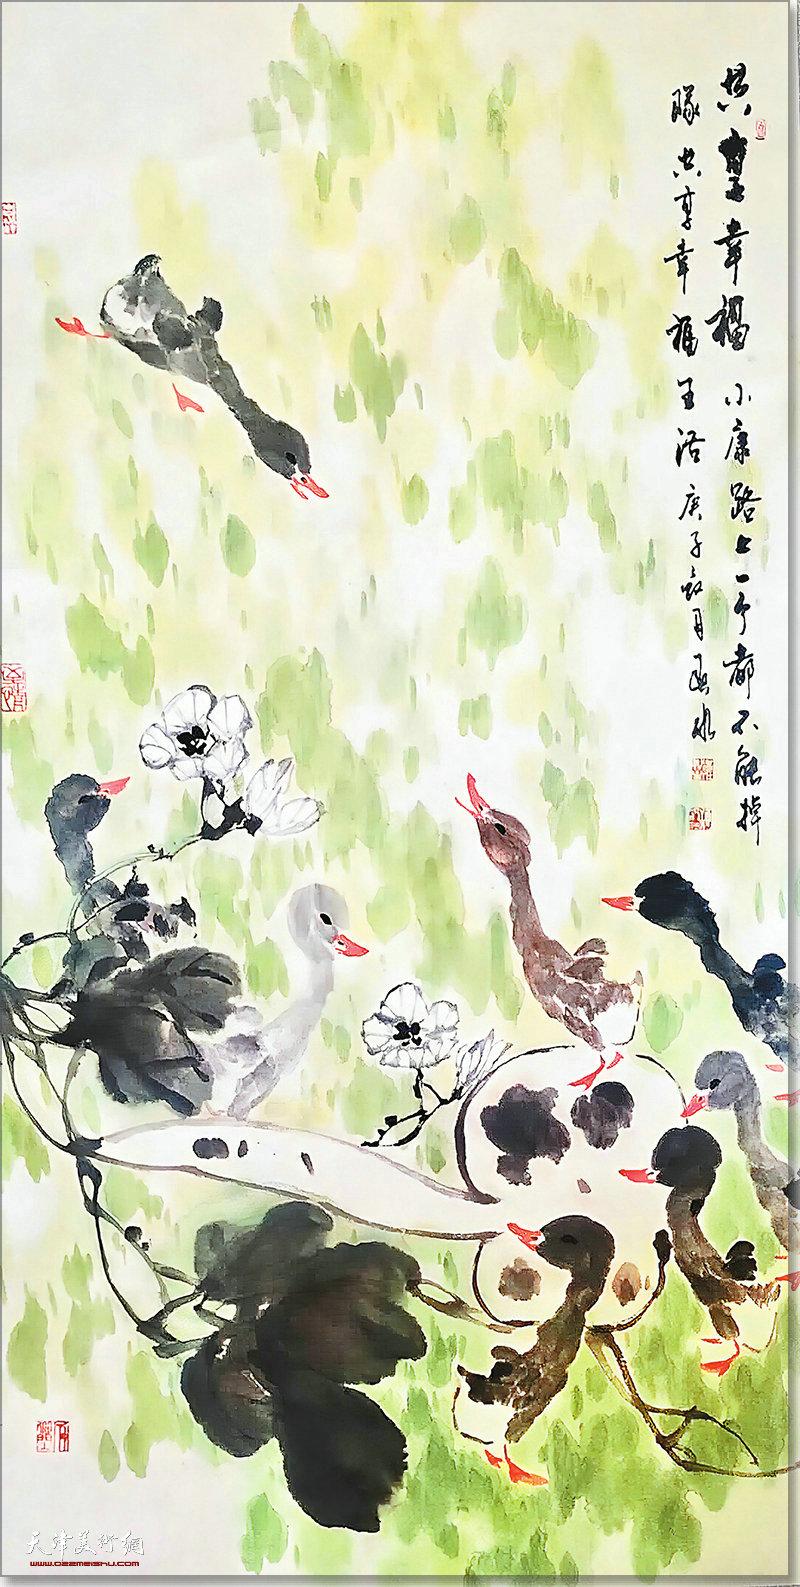 柳春水作品:共享幸福